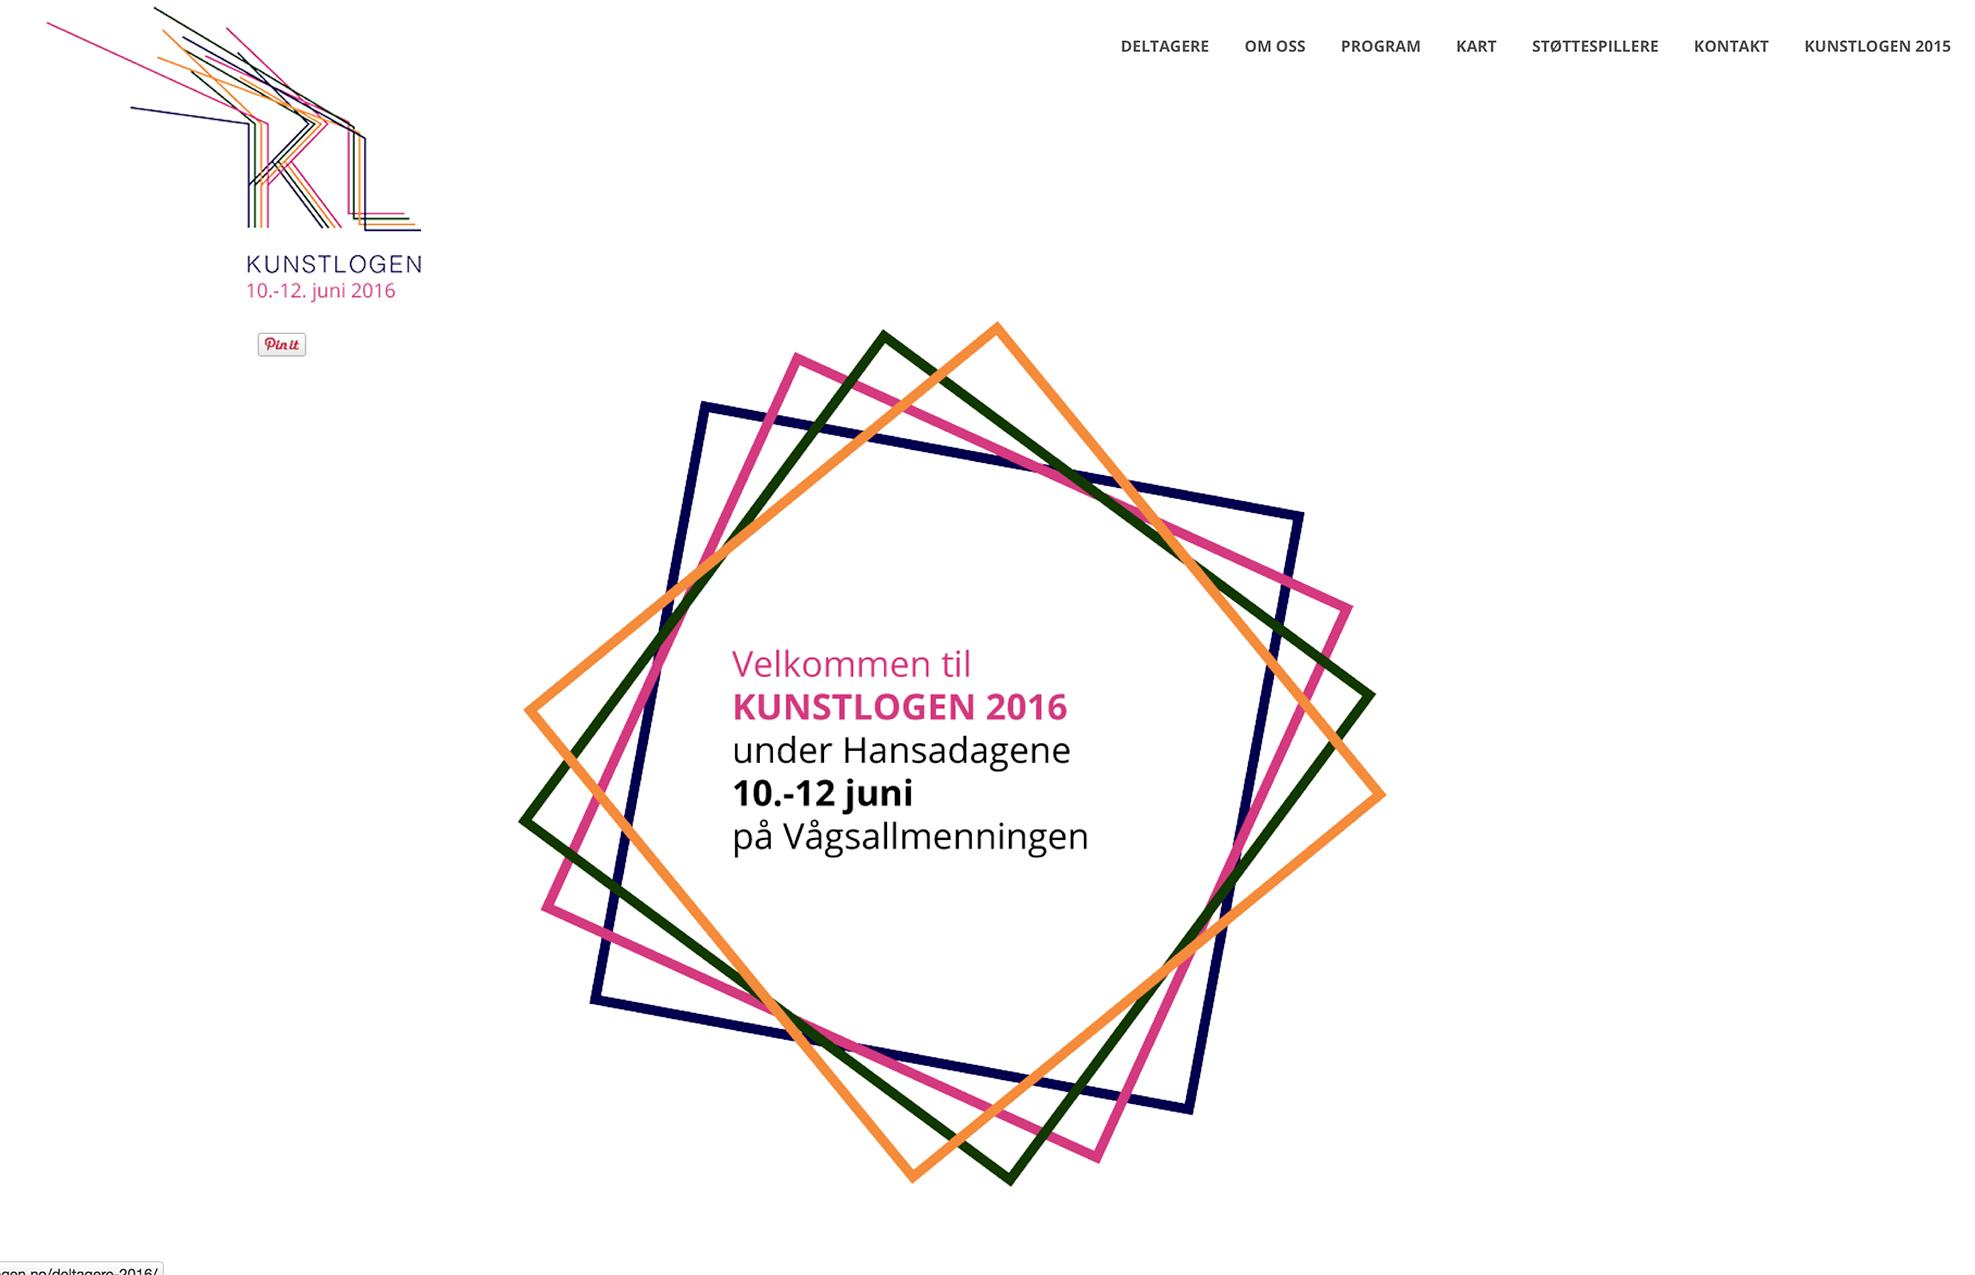 Kunstlogen, 10.-12. juli 2017